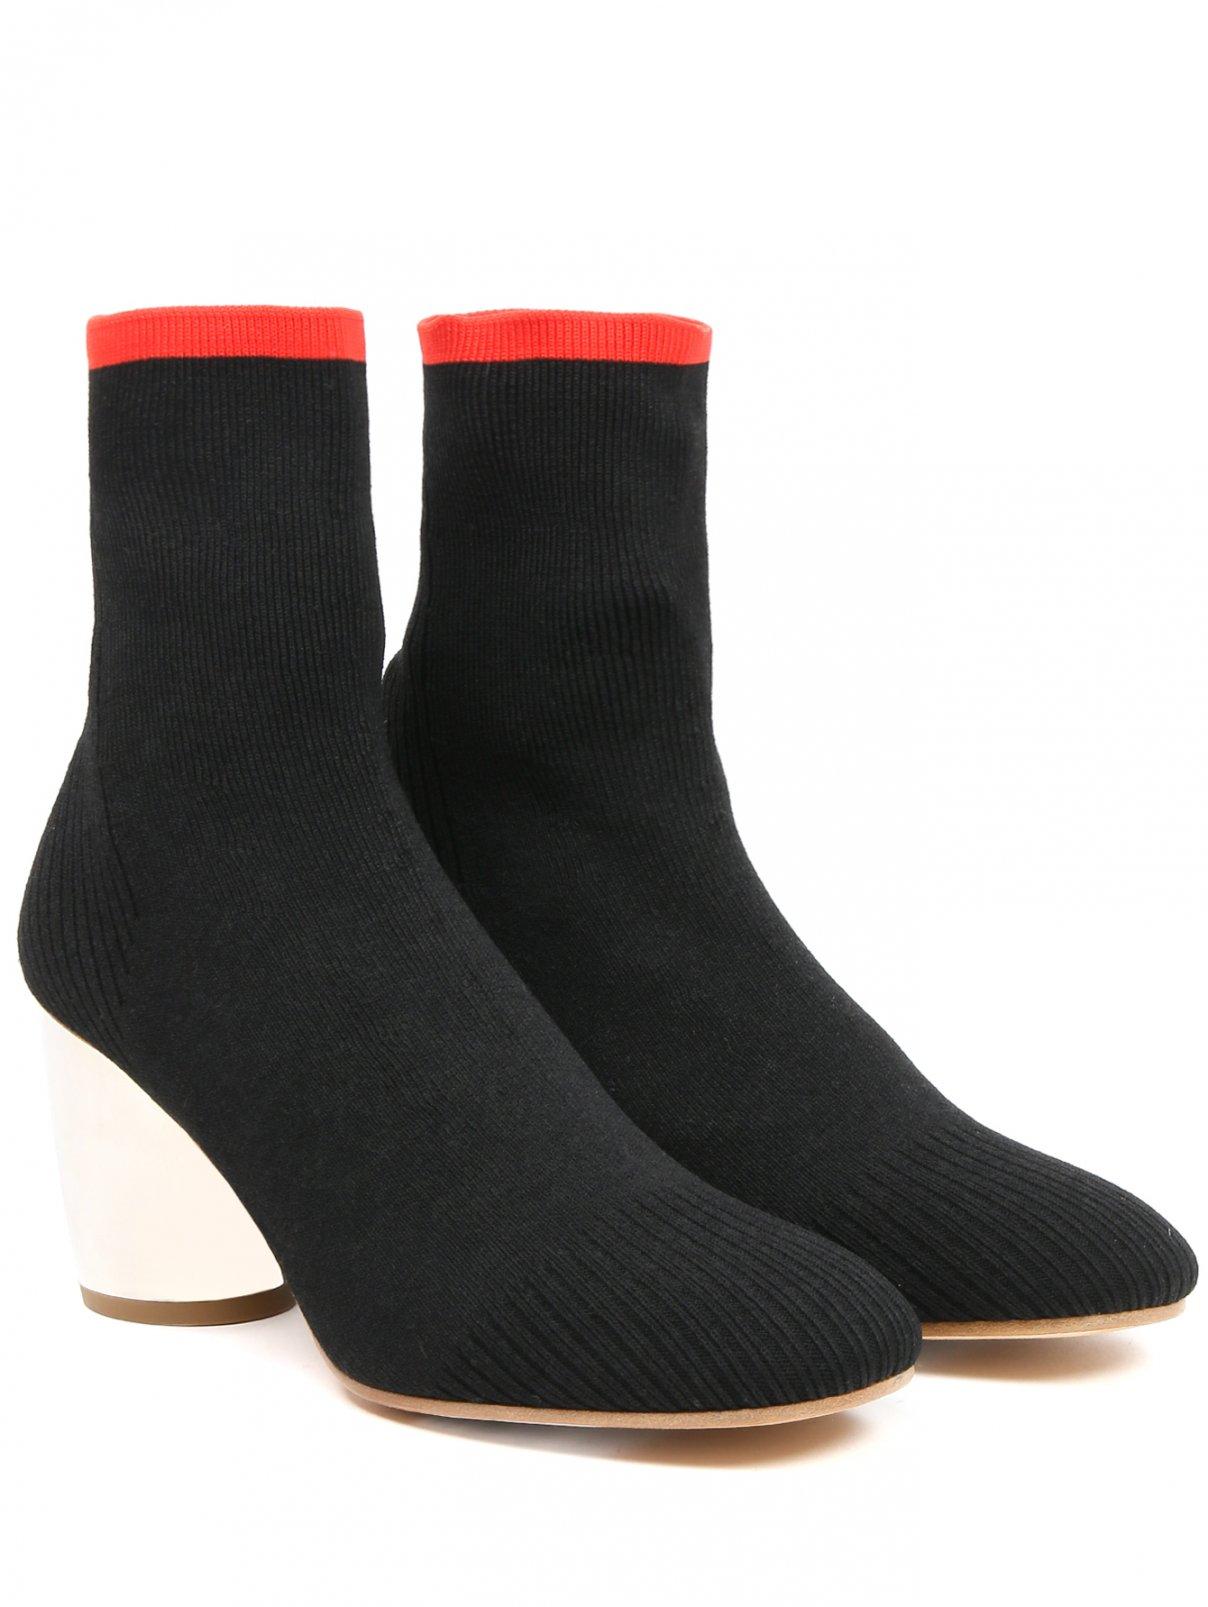 Ботильоны из текстиля на устойчивом каблуке Proenza Schouler  –  Общий вид  – Цвет:  Черный